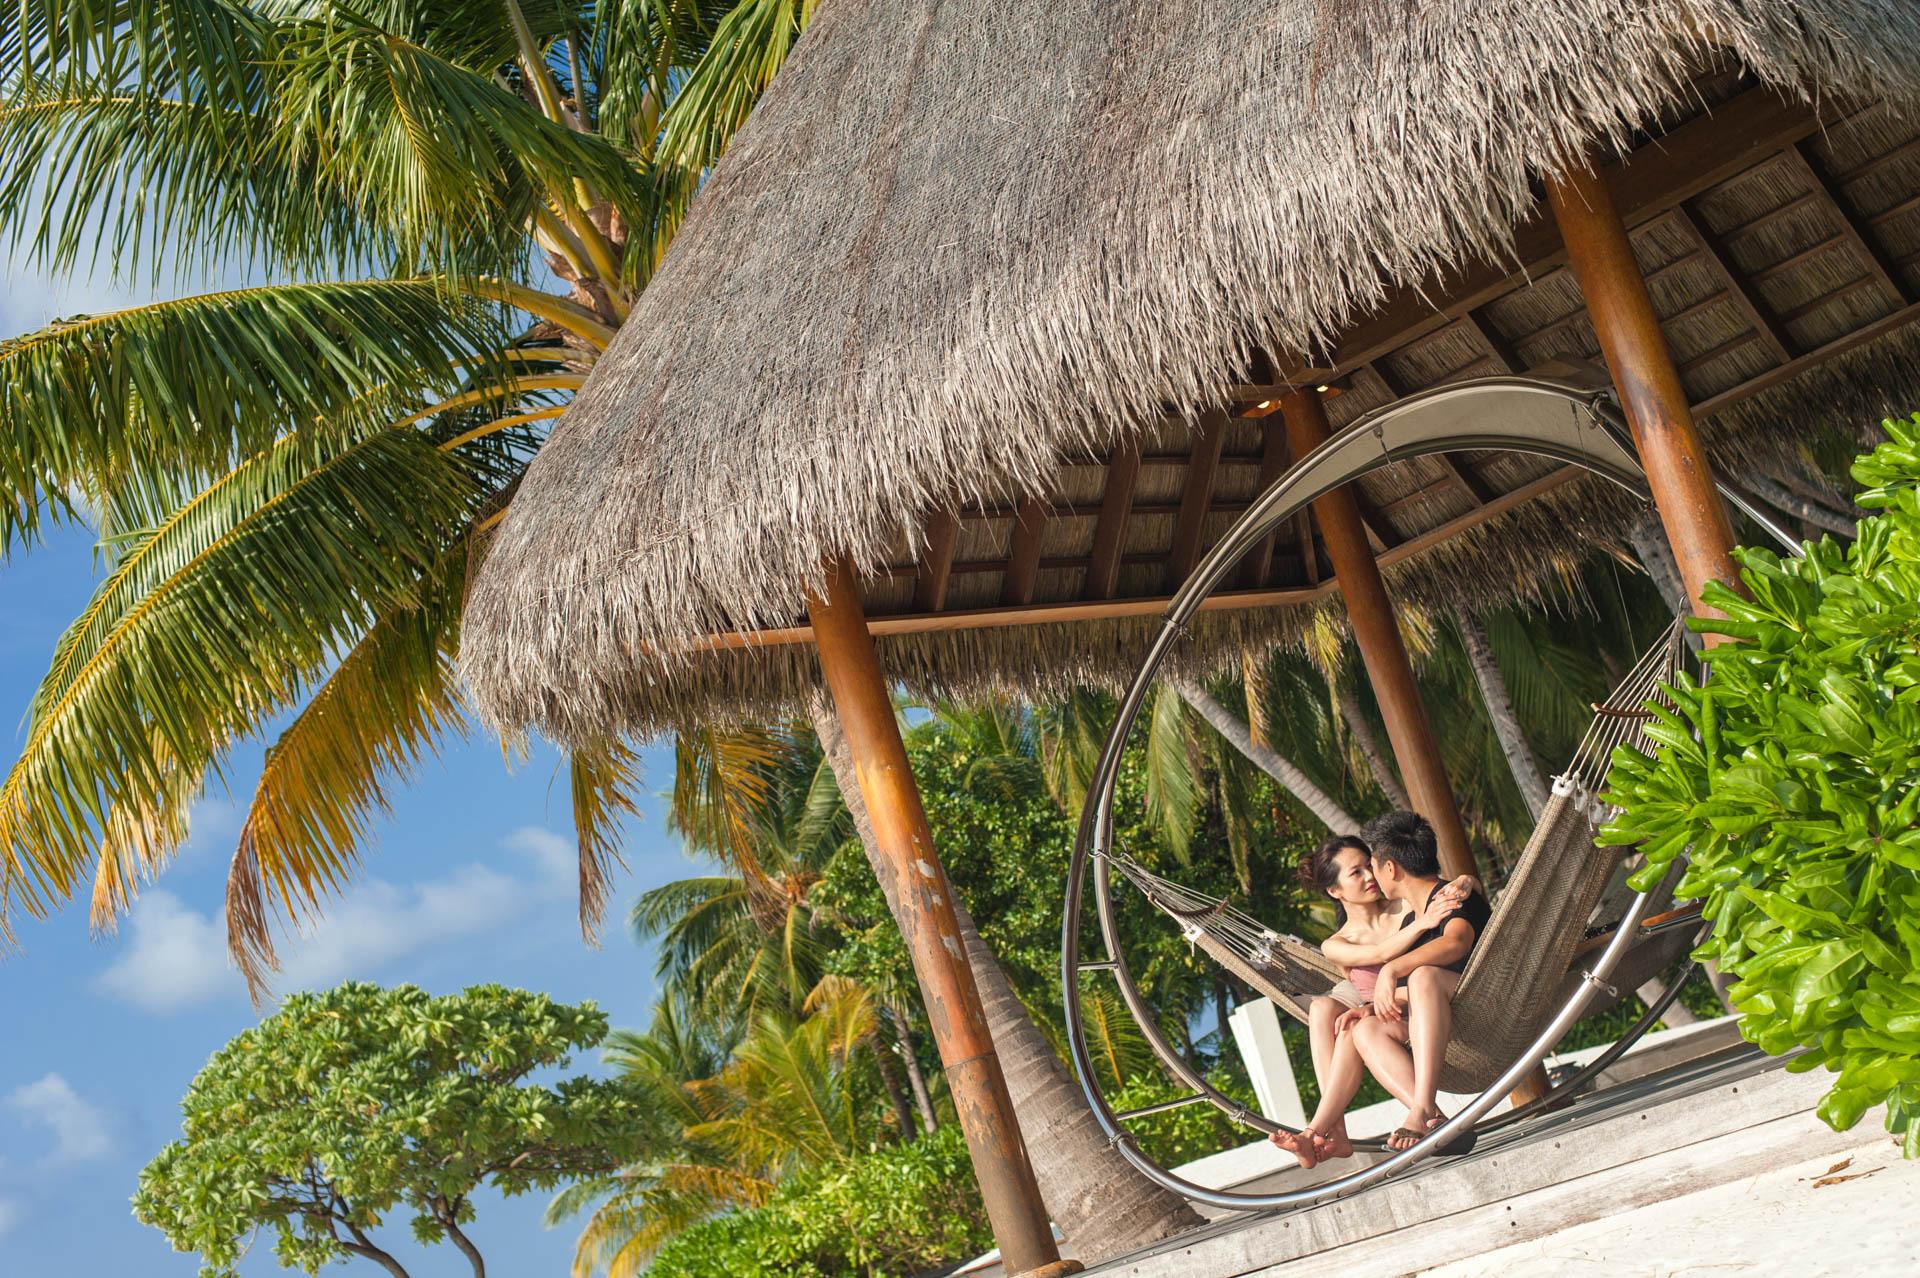 Kit Chen at W Maldives by Asad 7